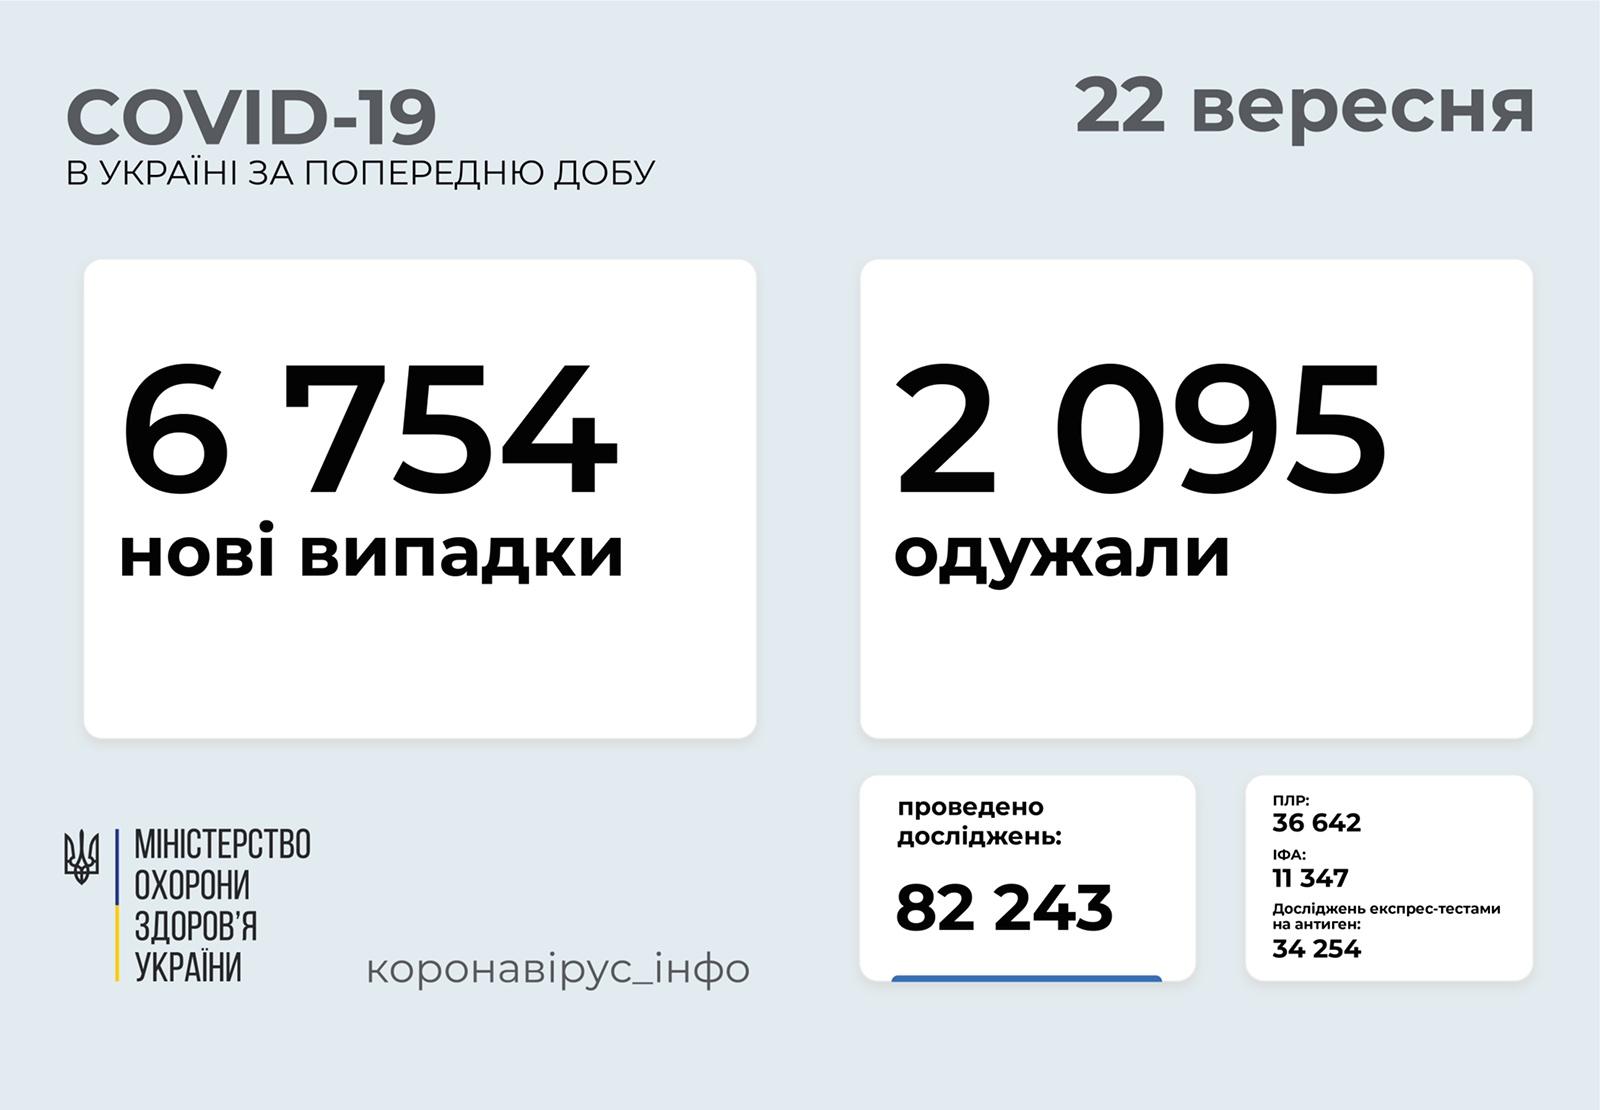 zobrazhennia_viber_2021-09-22_08-24-45-589